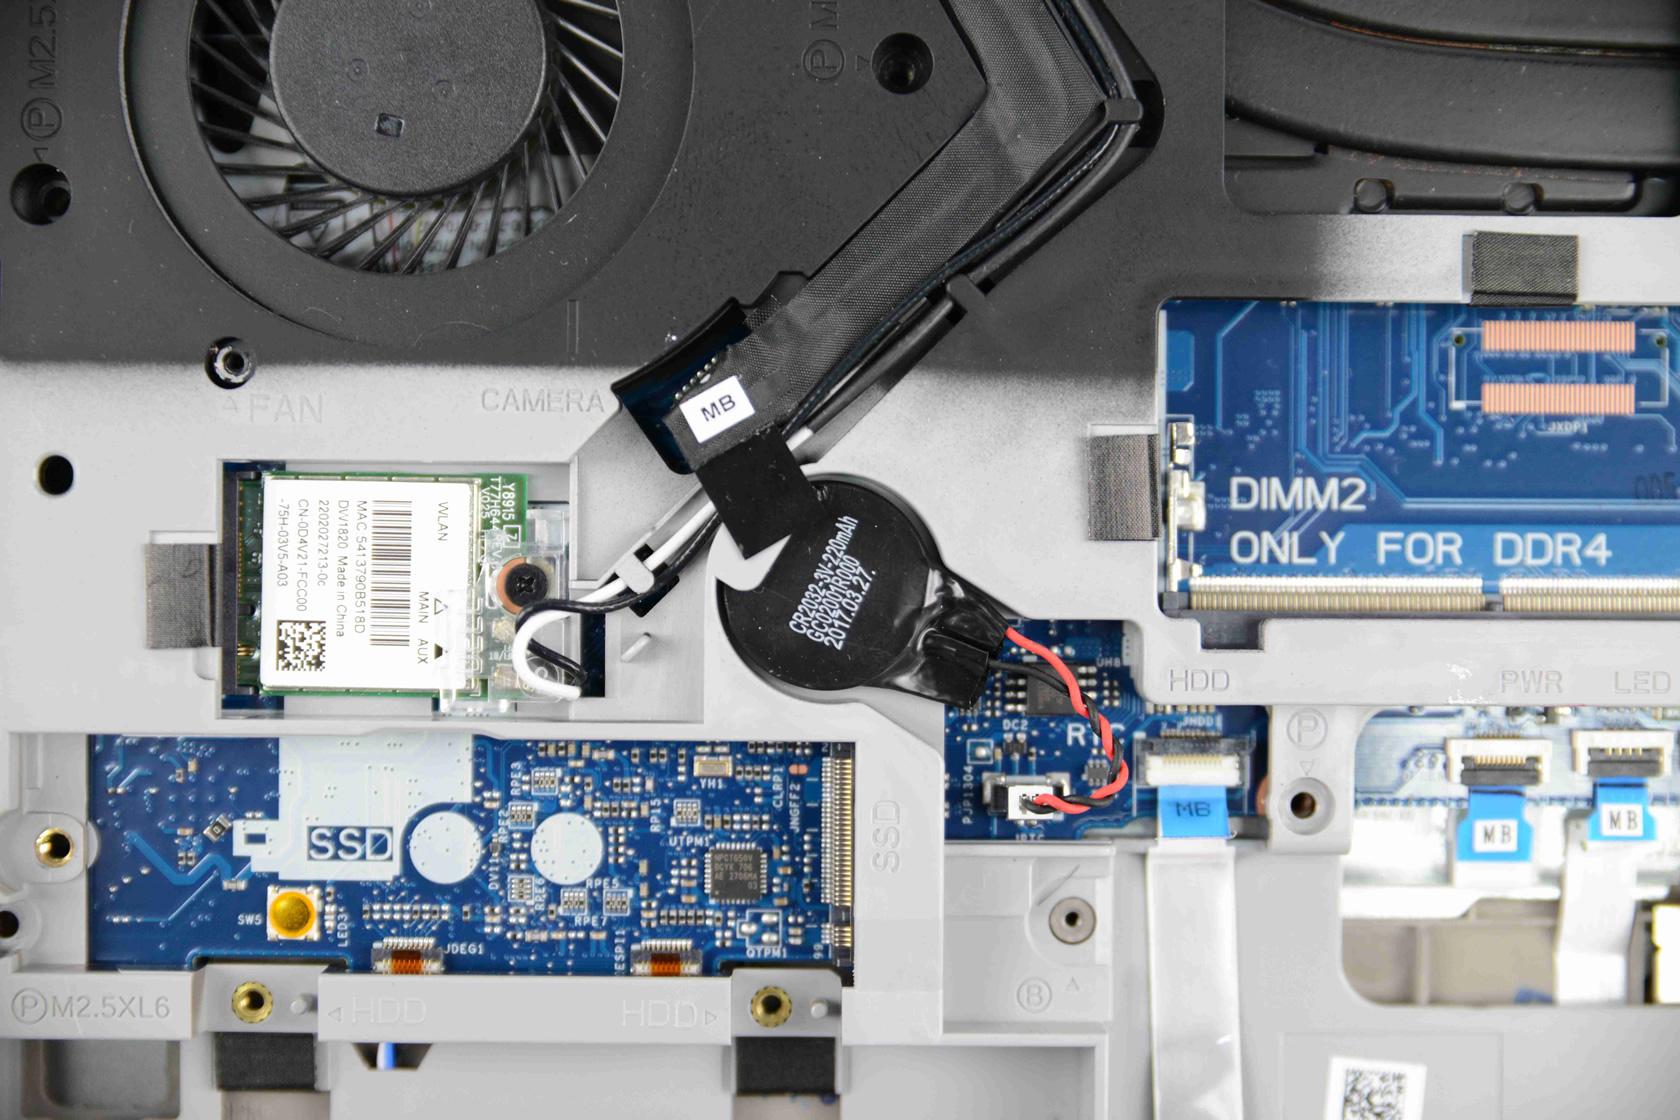 Dell Vostro 15 7570 wireless network card